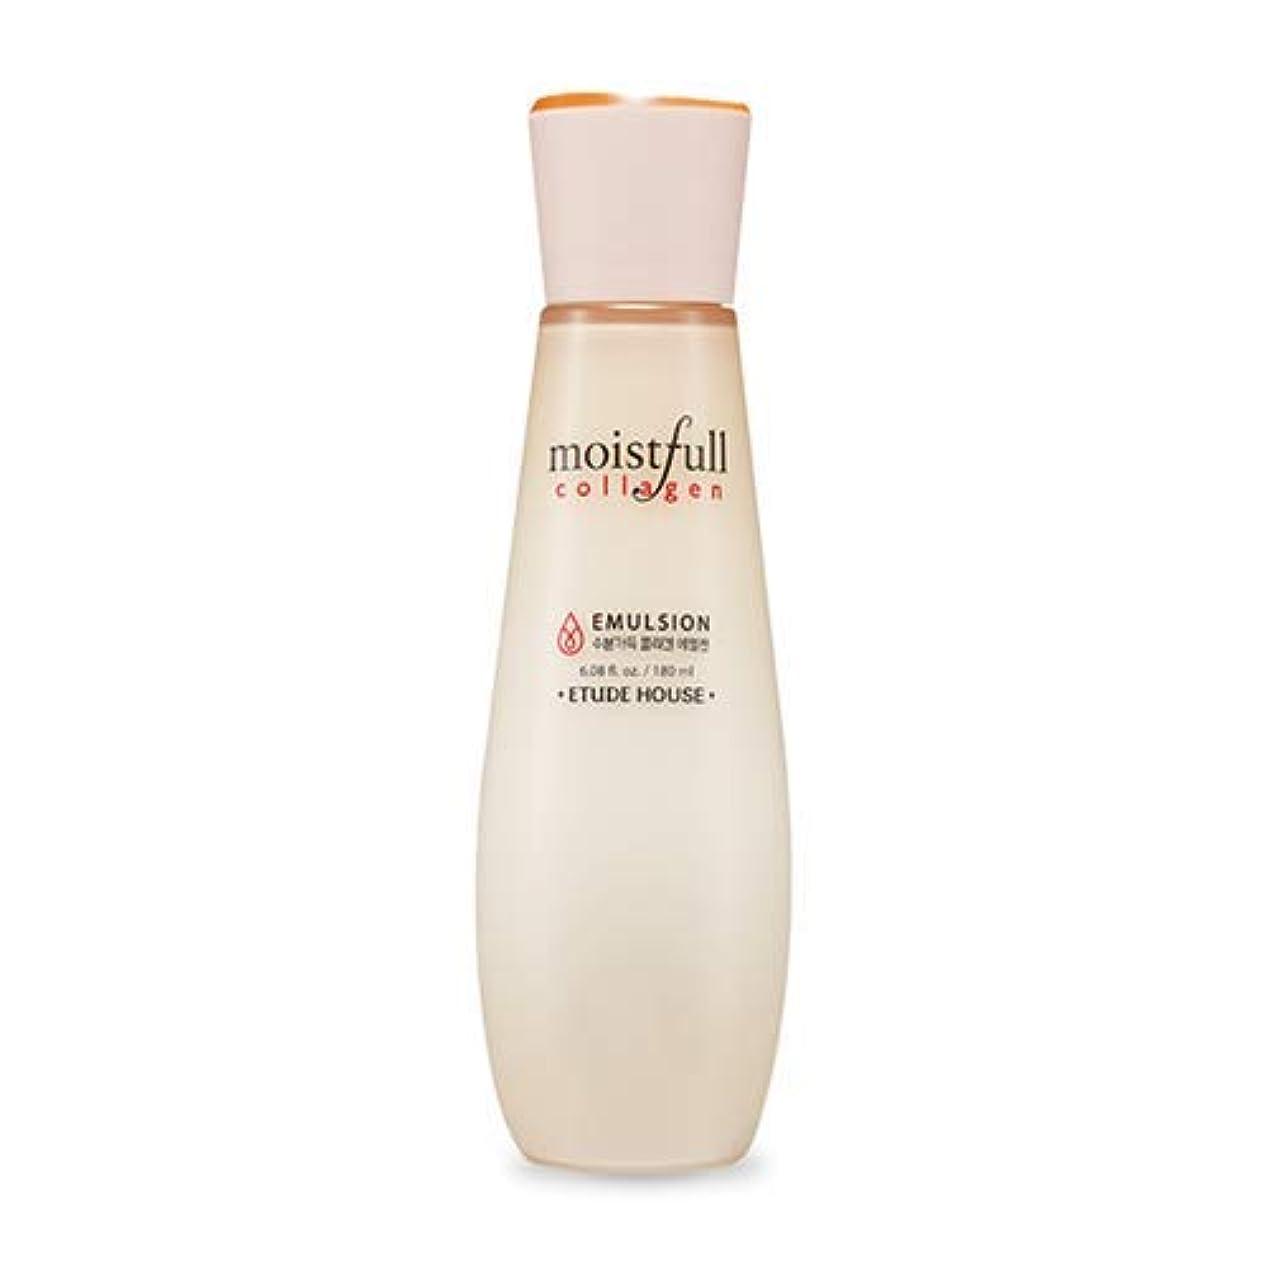 コンクリートステッチフラッシュのように素早く[エチュードハウス] ETUDE HOUSE [モイストフルコラーゲン基礎化粧品 スキン/ローション ] (ETUDE HOUSE Moistfull Collagen Skin/Lotion) (02 Moistfull Collagen Emulsion ) [並行輸入品]